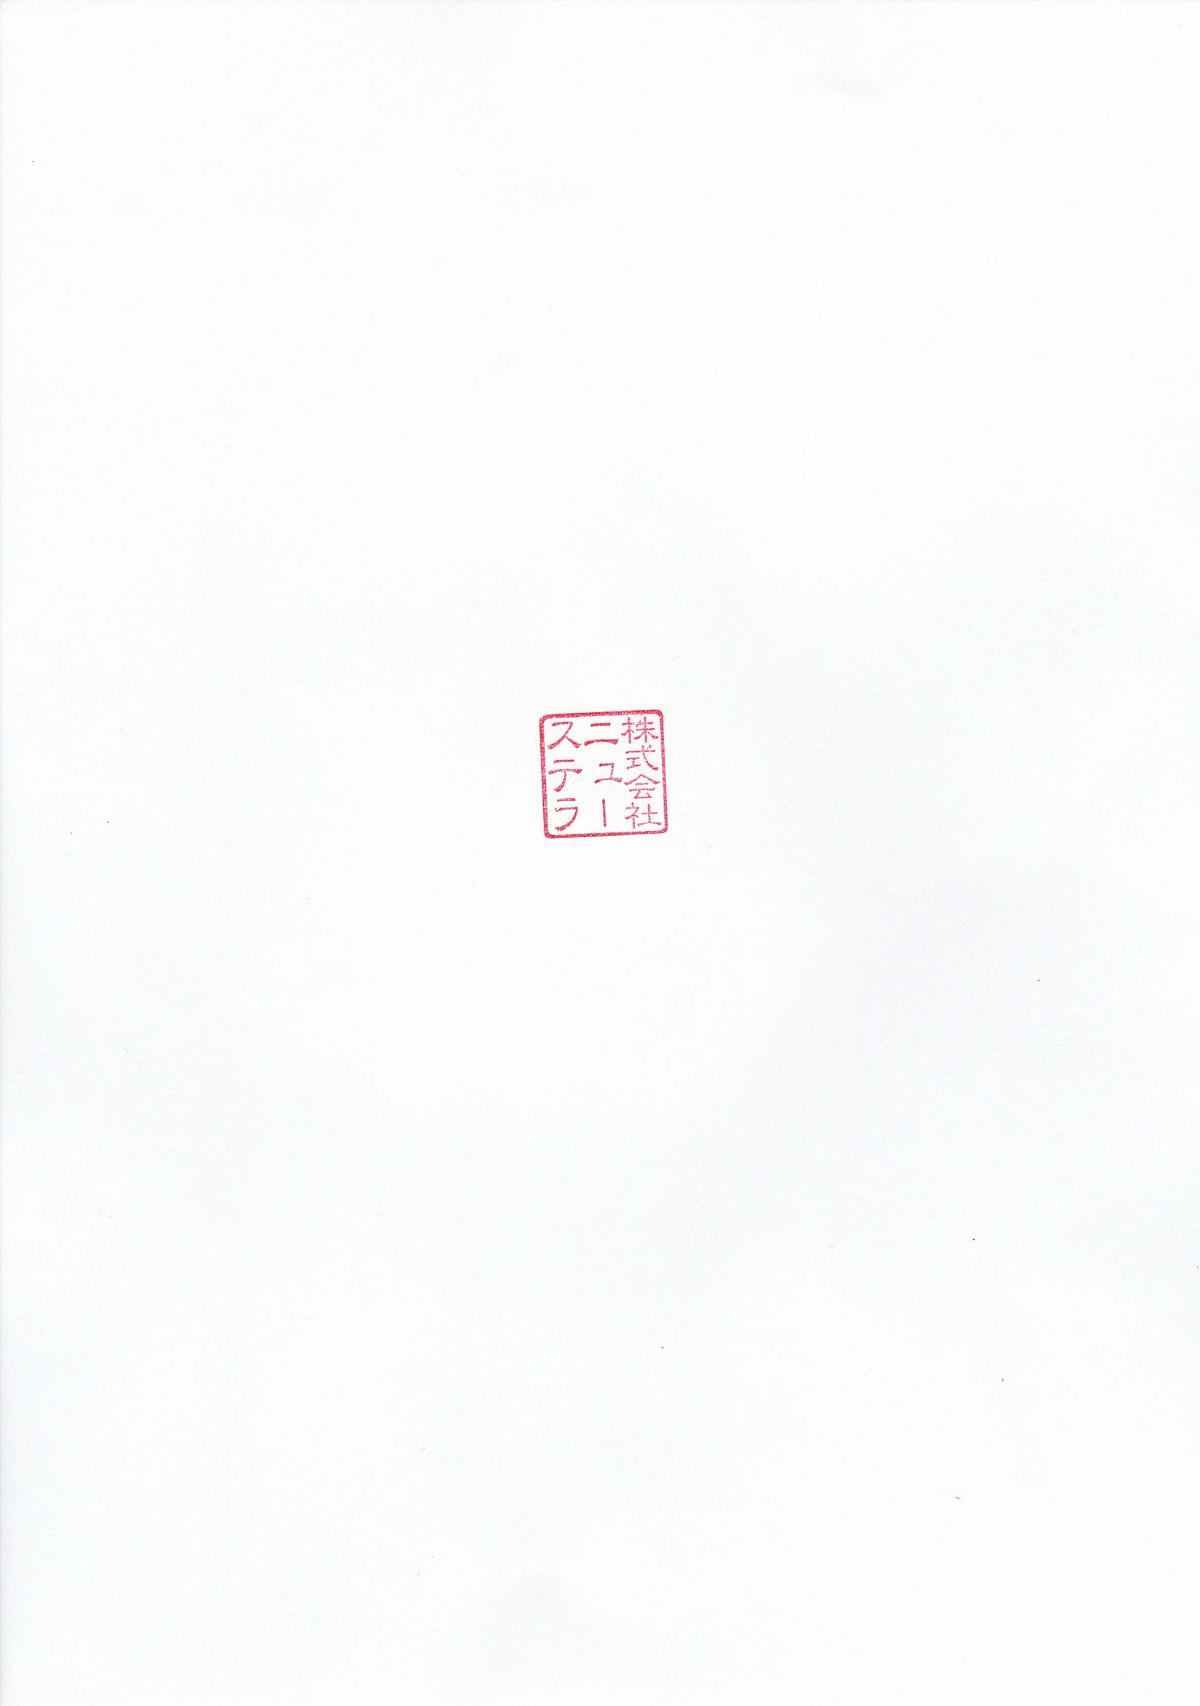 会社印を白紙に押印したスキャン画像